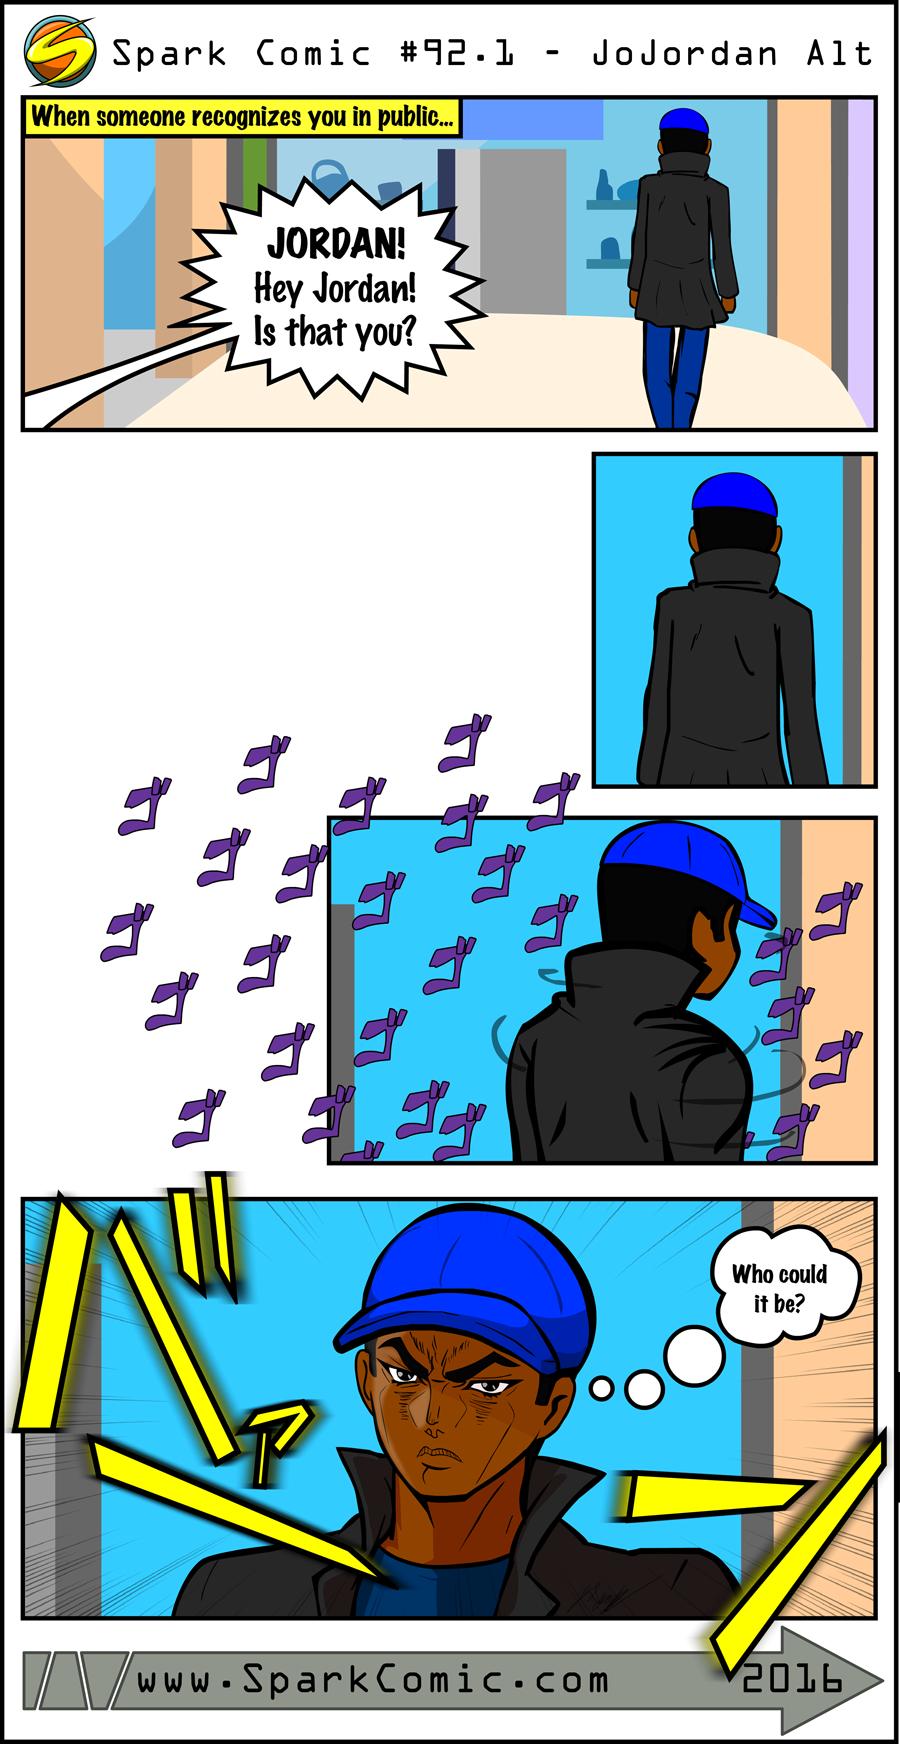 Spark Comic #92.1 - JoJordan Alt